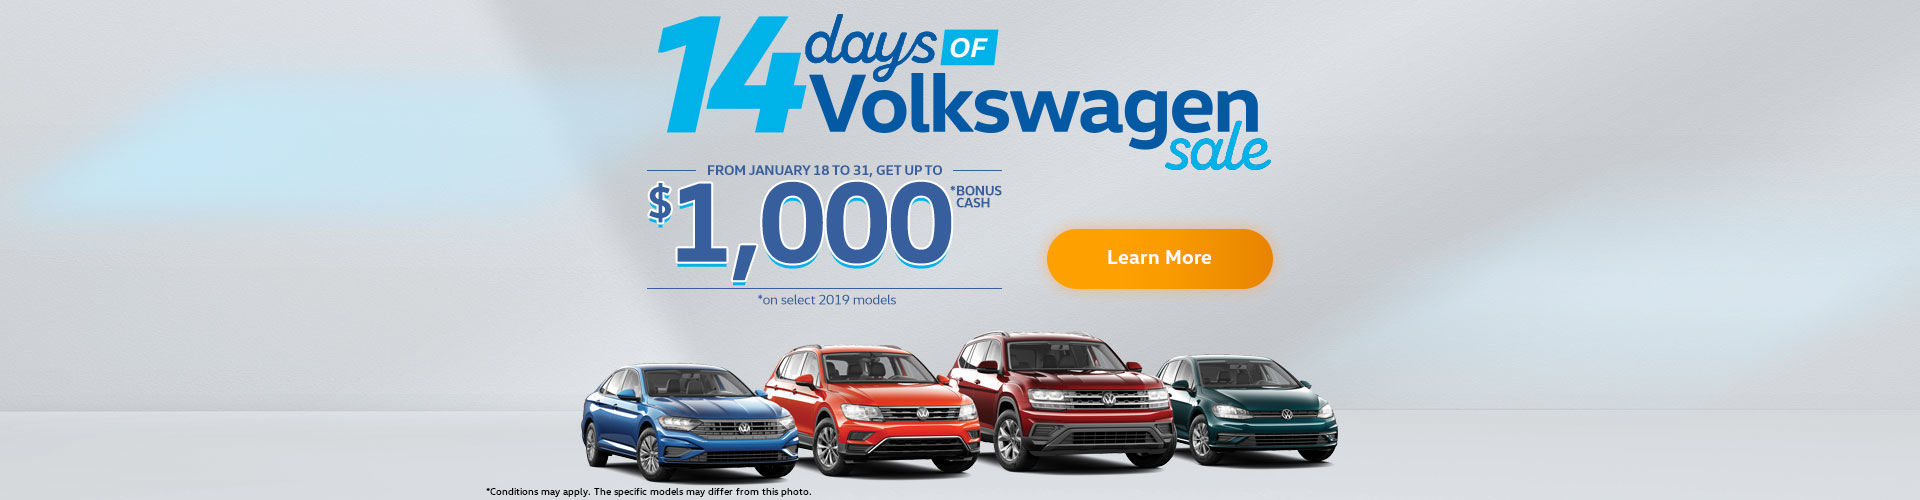 Volkswagen Auto show event (Copy)